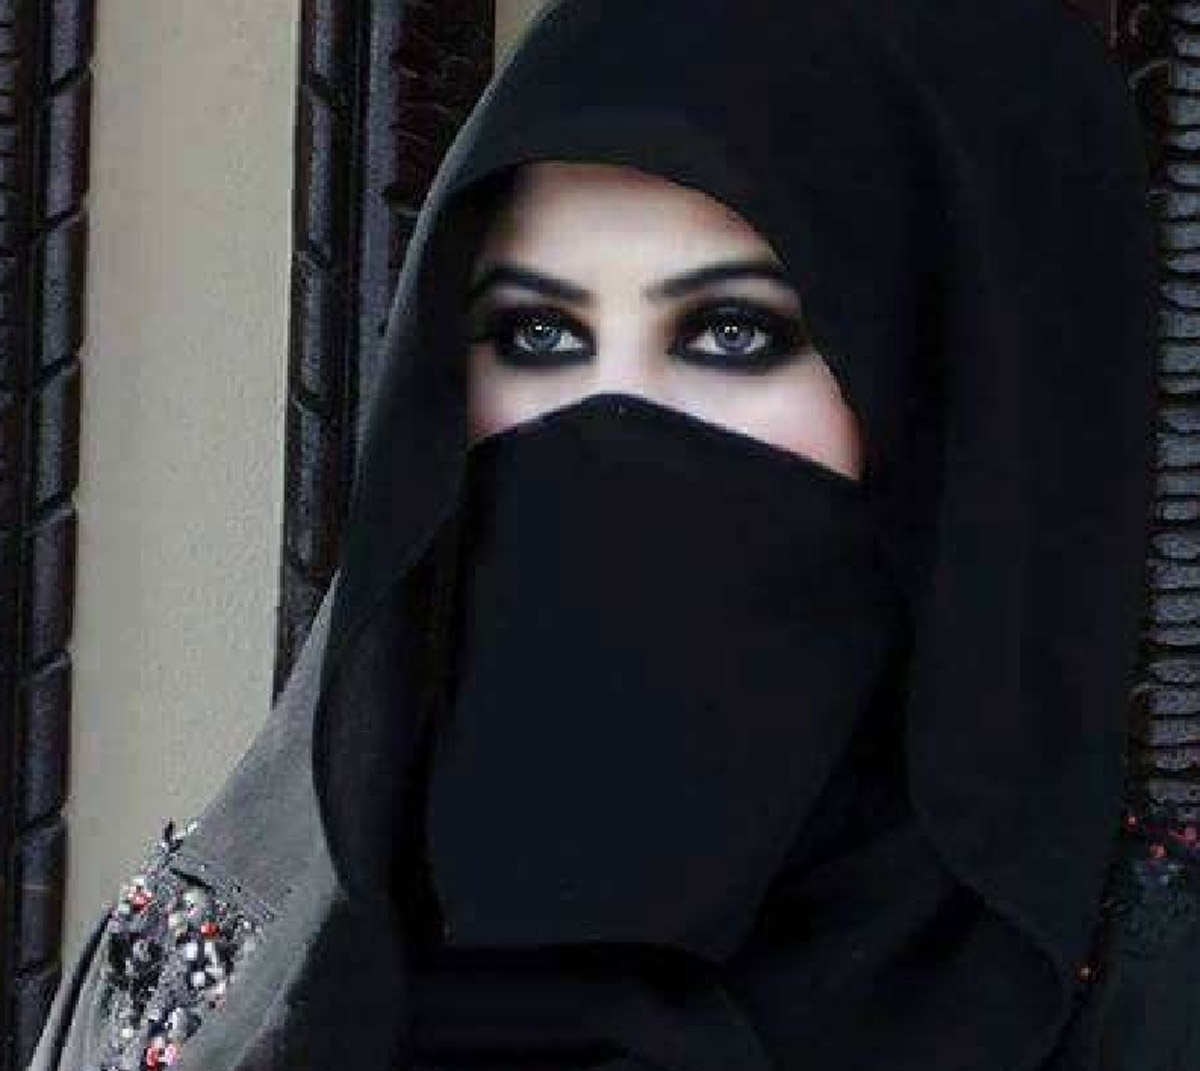 زواج المسيار في كل المدن في المملكة العربية السعوديه